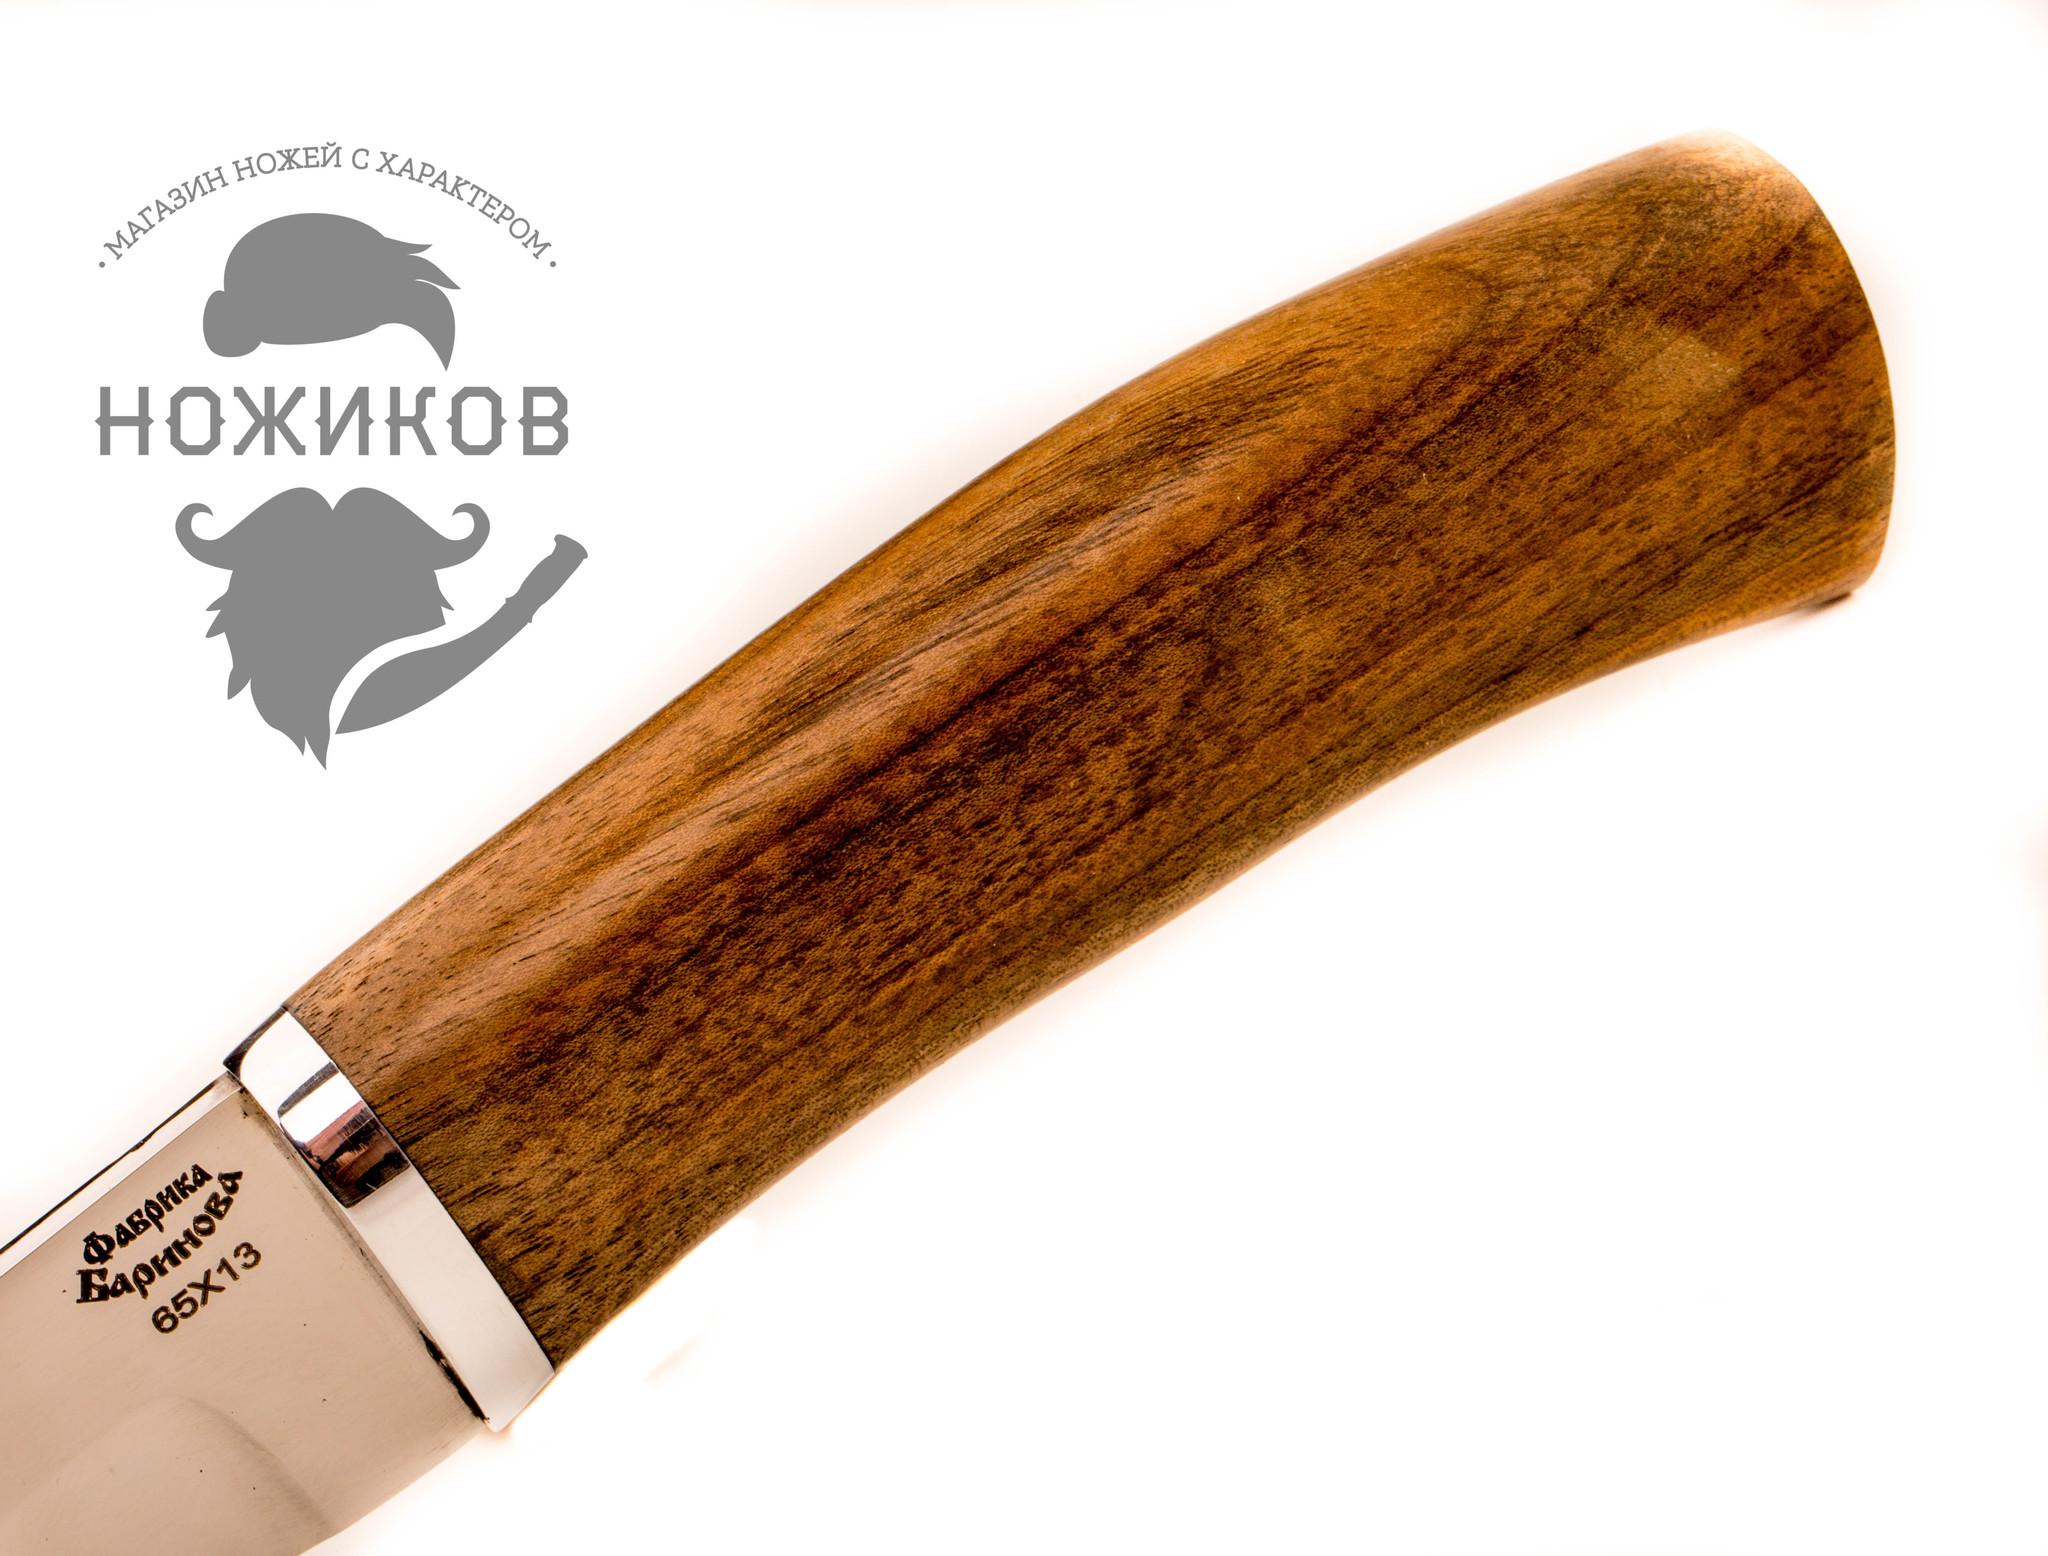 Фото 7 - Нож Мархур, орех от Фабрика Баринова